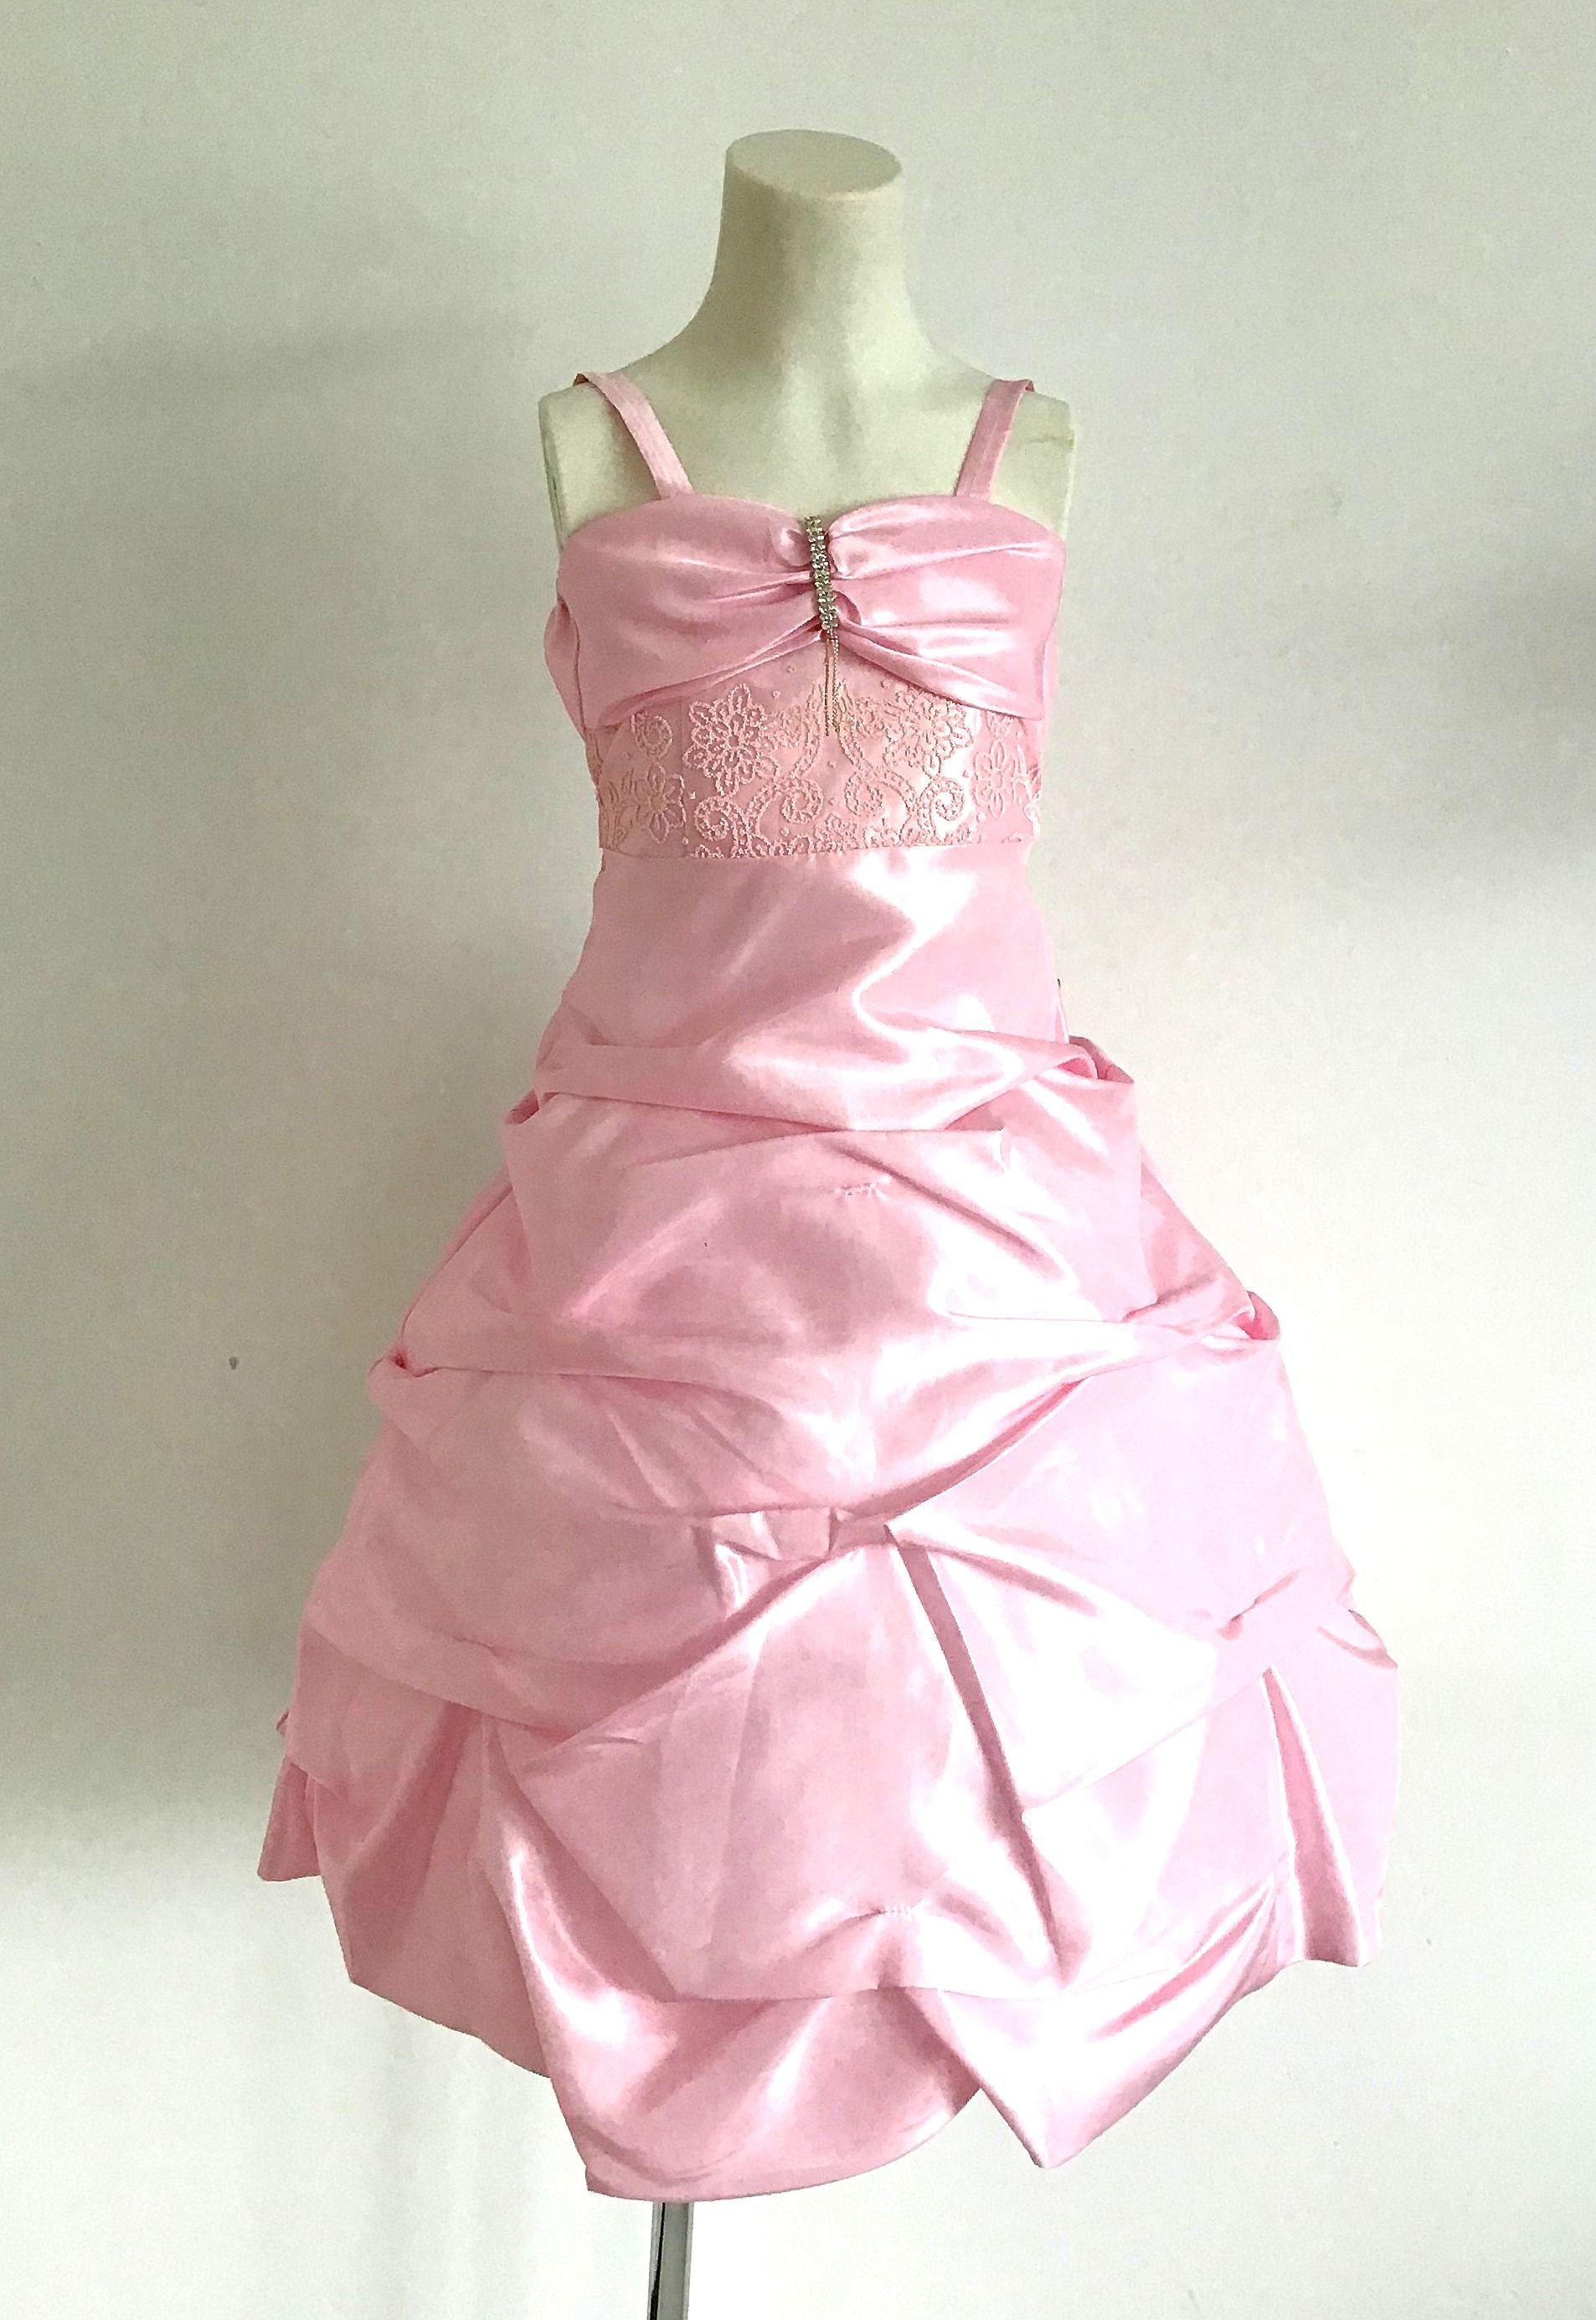 KO 036 17980.-Ft : koszorúslány gyerekruha swarovsky kristályokkal díszített selyem lamé rakott ruha